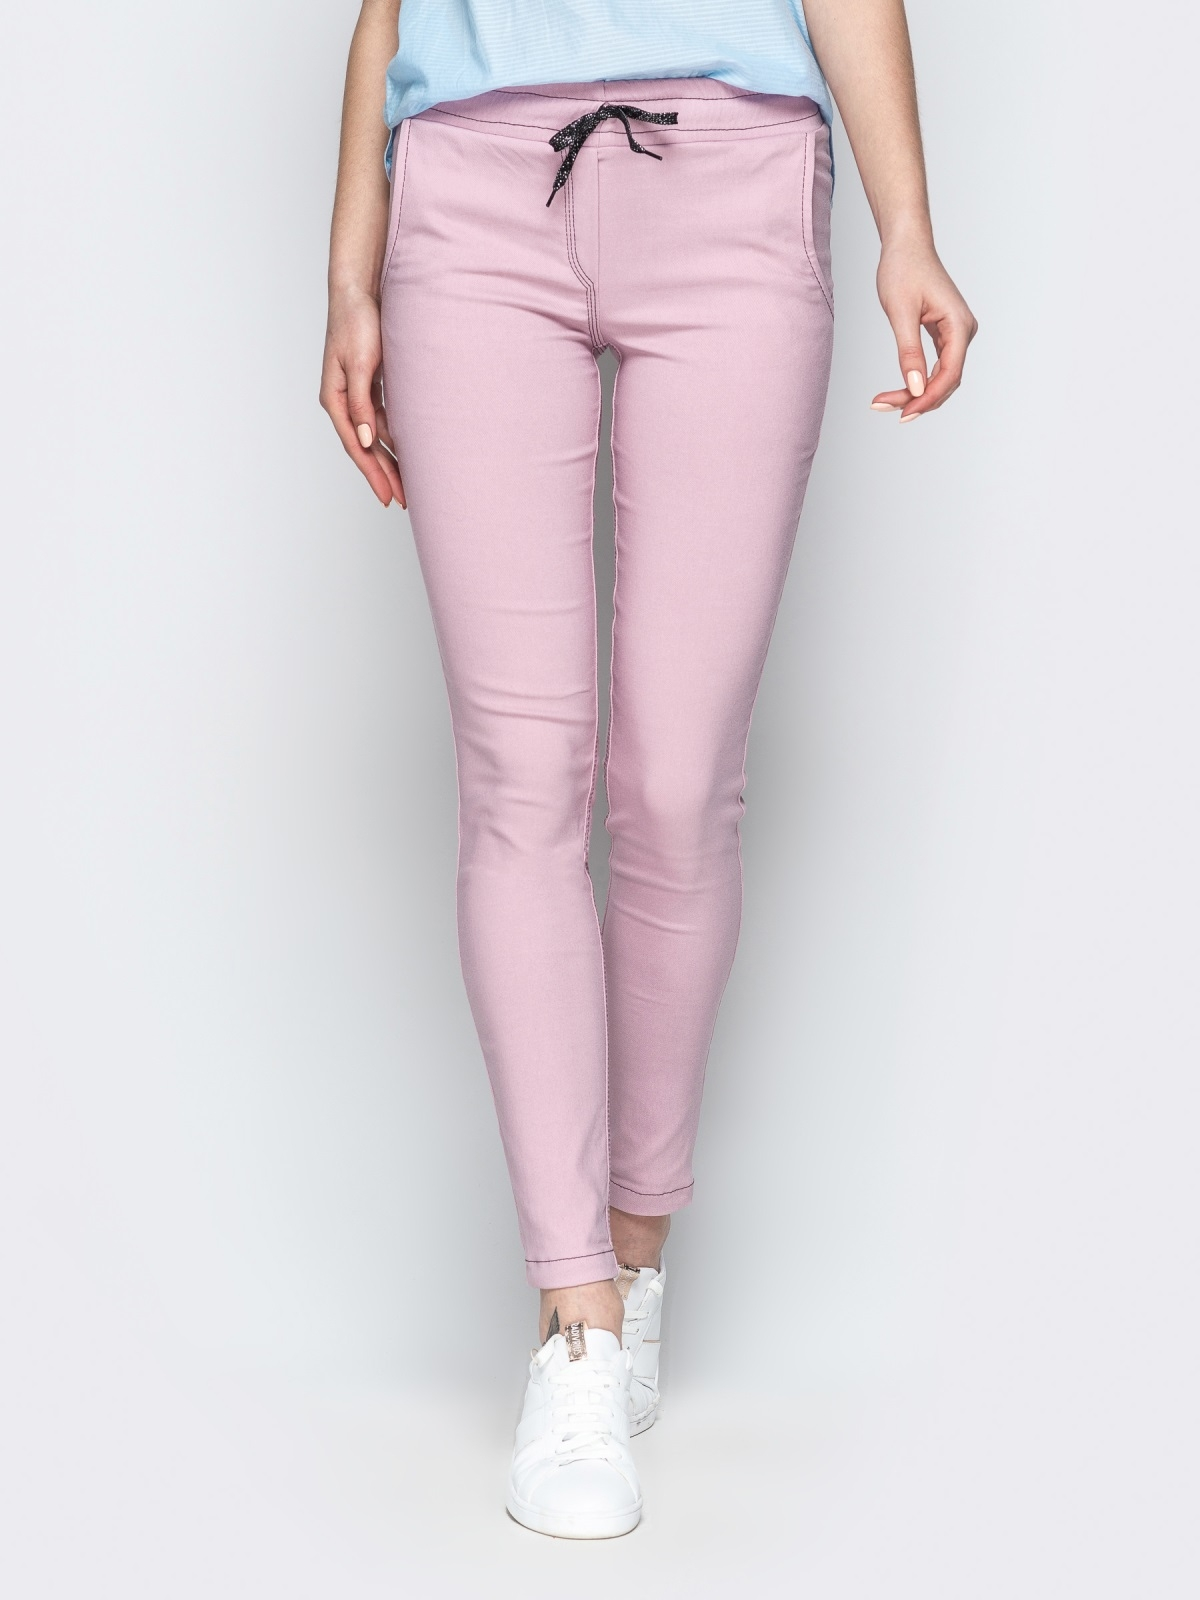 Пудровые брюки с резинкой по талии и прорезными карманами - 21061, фото 1 – интернет-магазин Dressa